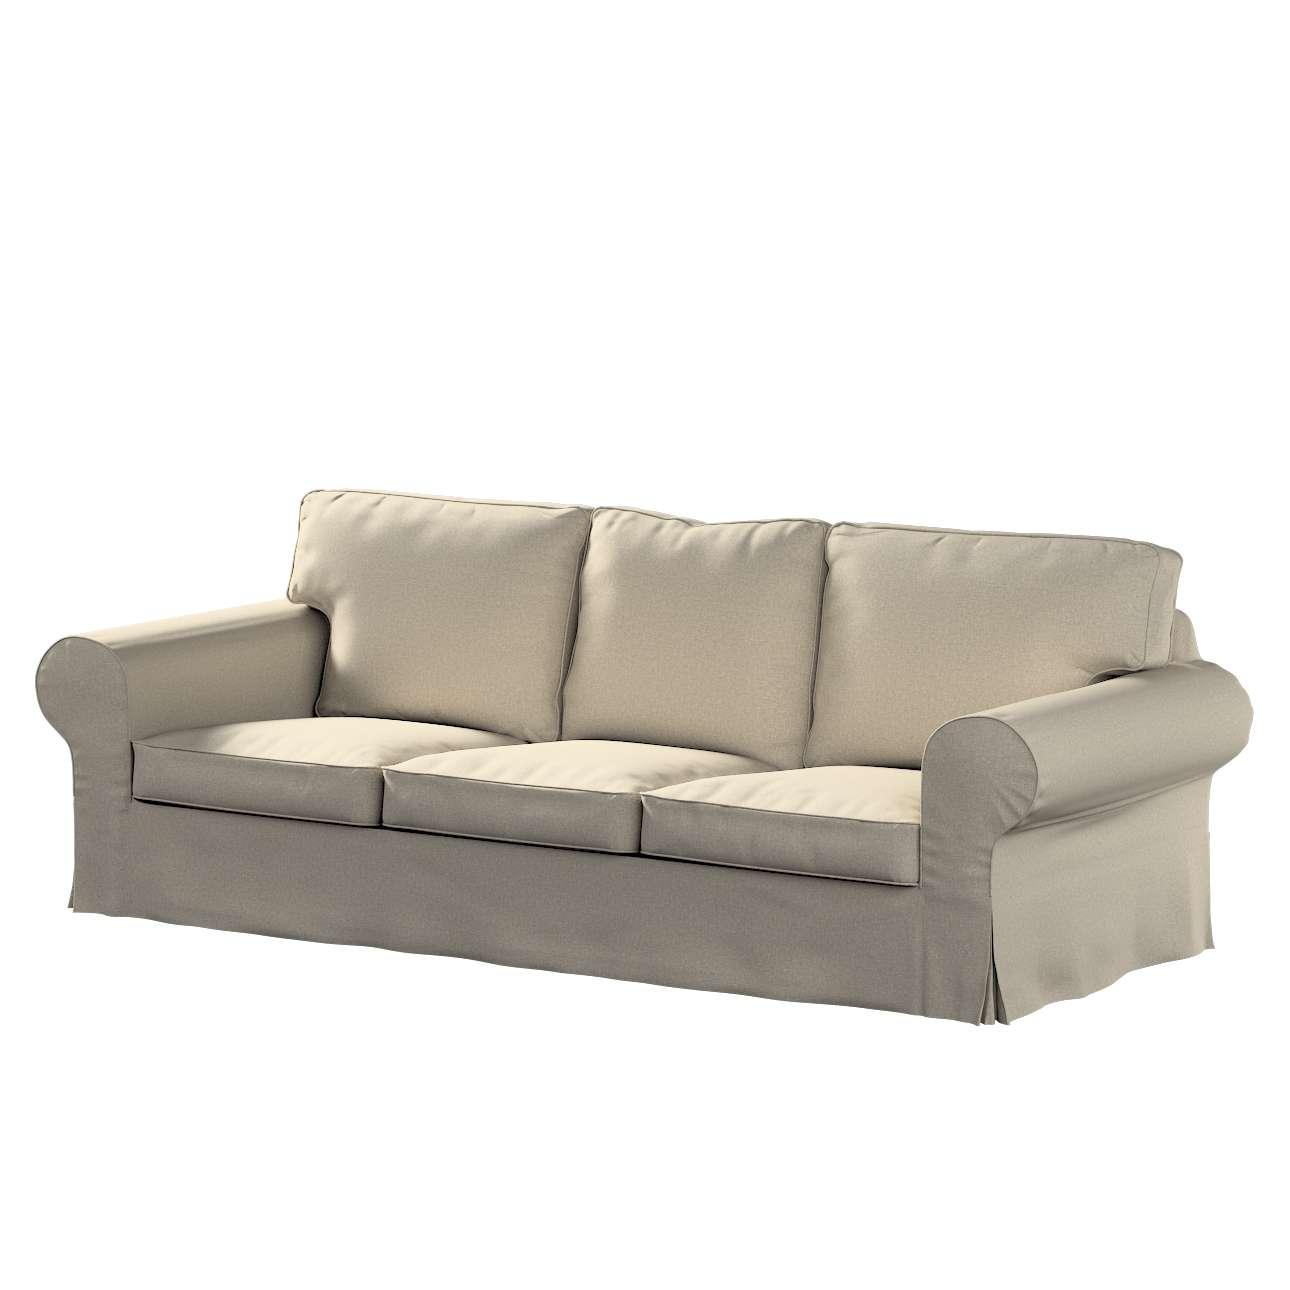 Pokrowiec na sofę Ektorp 3-osobową, rozkładaną w kolekcji Amsterdam, tkanina: 704-52